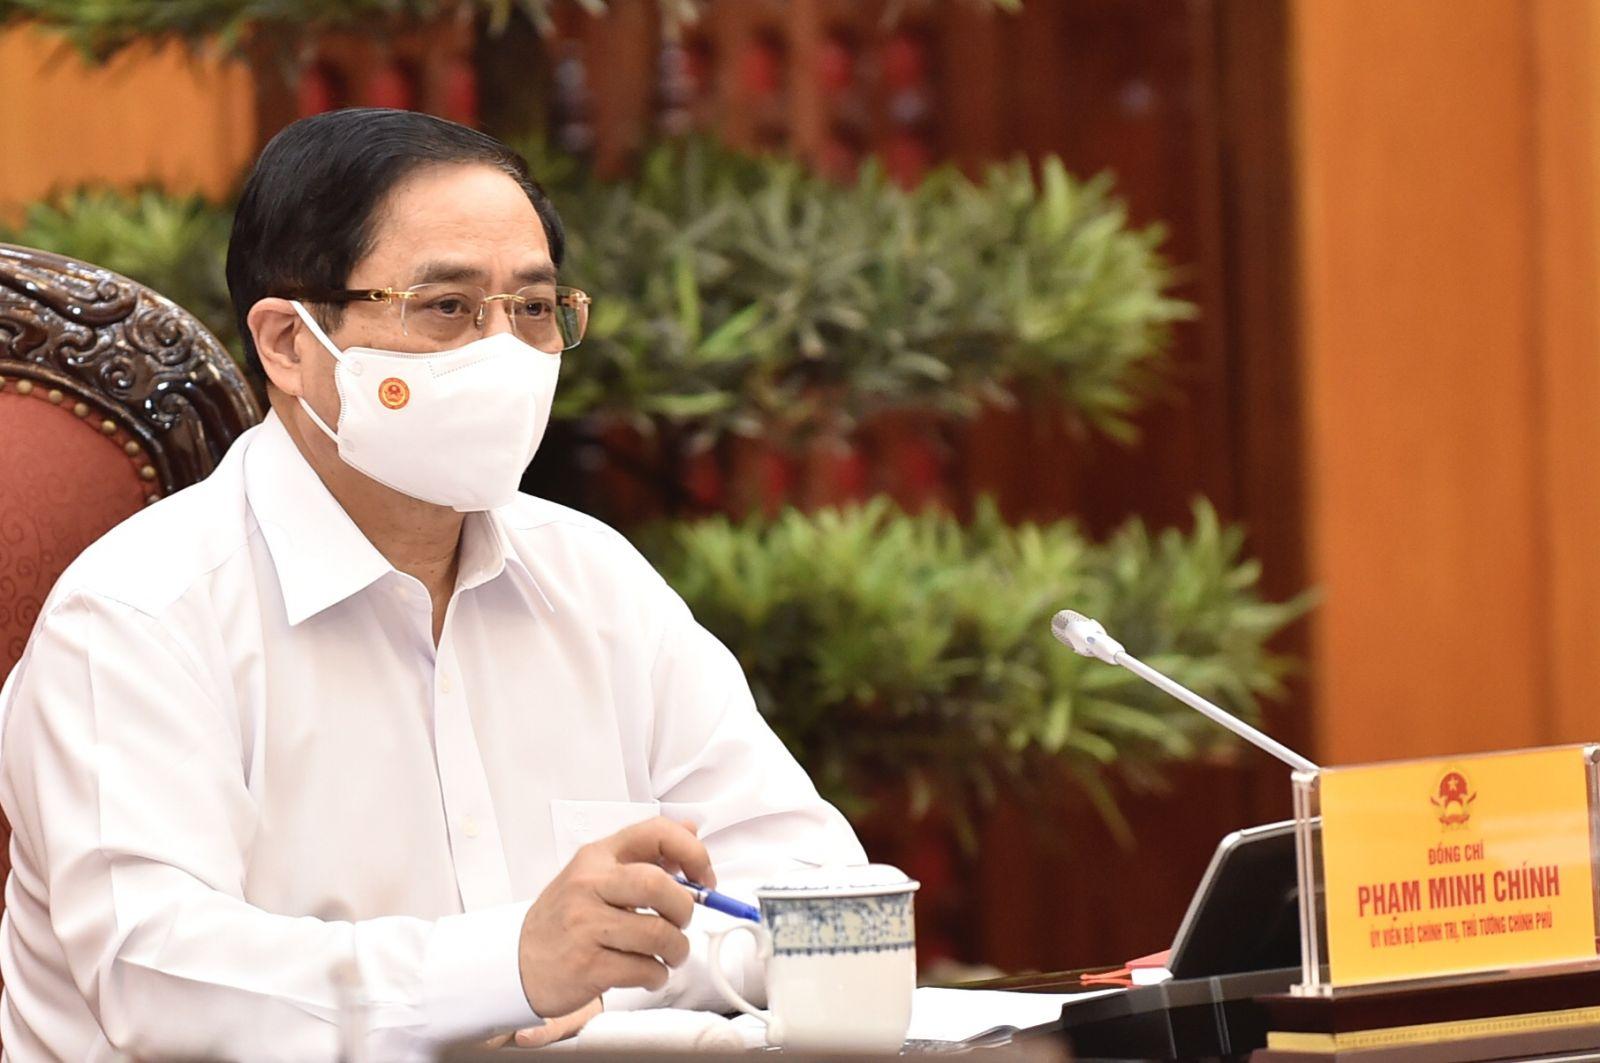 Thủ tướng Phạm Minh Chính phát biểu tại cuộc họp. Ảnh: VGP/Nhật Bắc